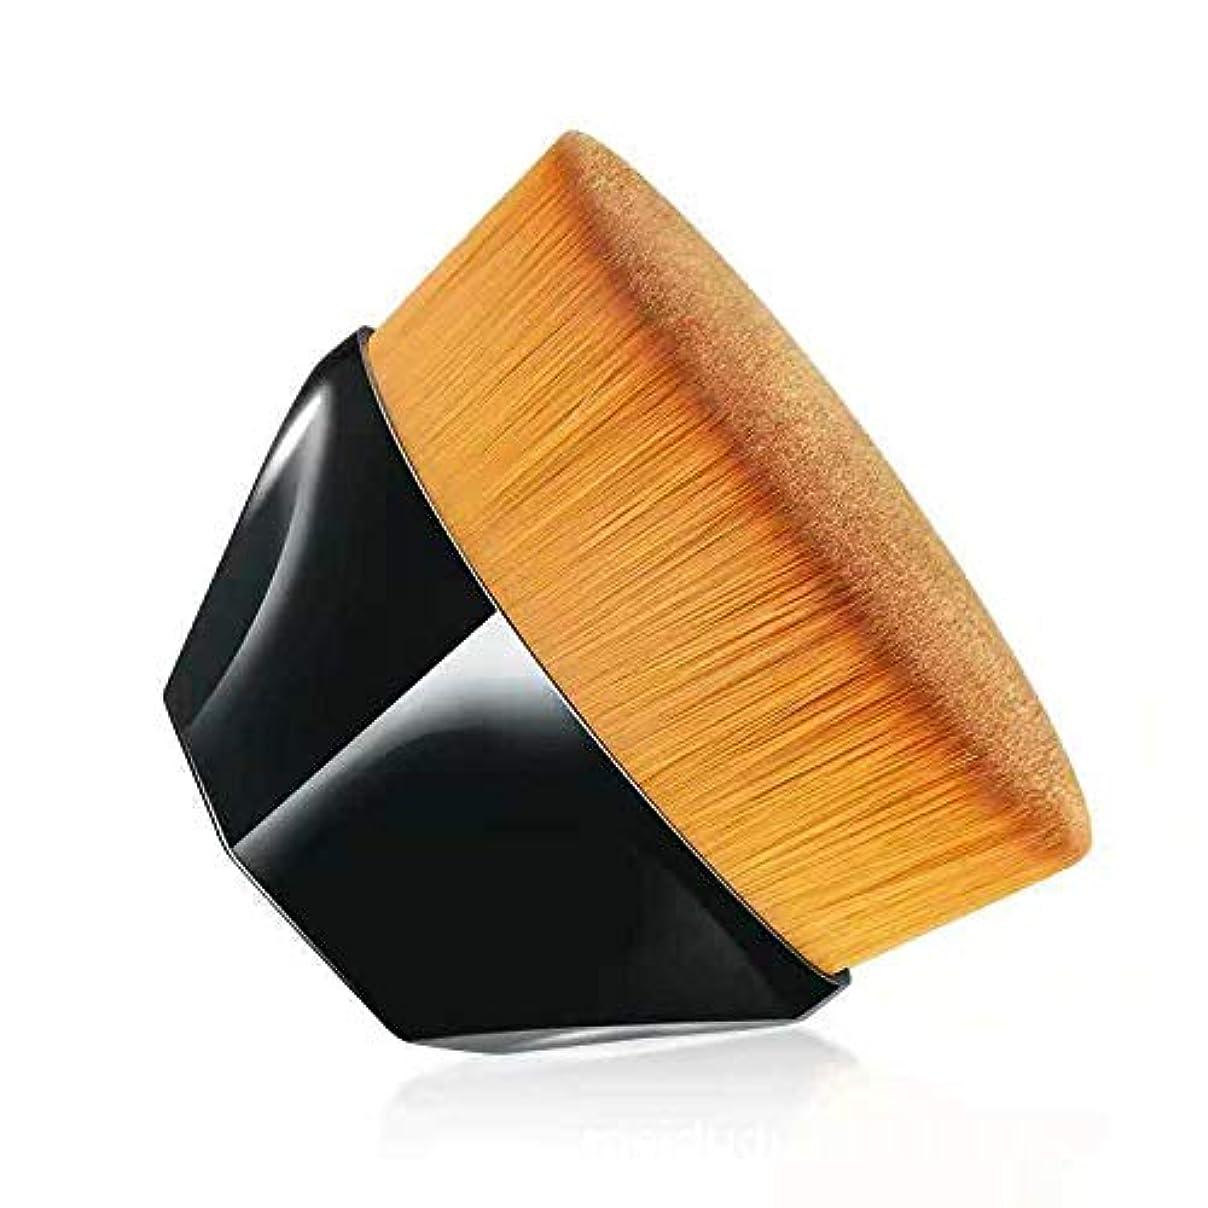 変動する思い出墓地柔らかい高級繊維毛化粧ブラシ 携帯便利メイクアップブラシ?肌にやさしいファンデーションブラシ?化粧筆 (ブラック)